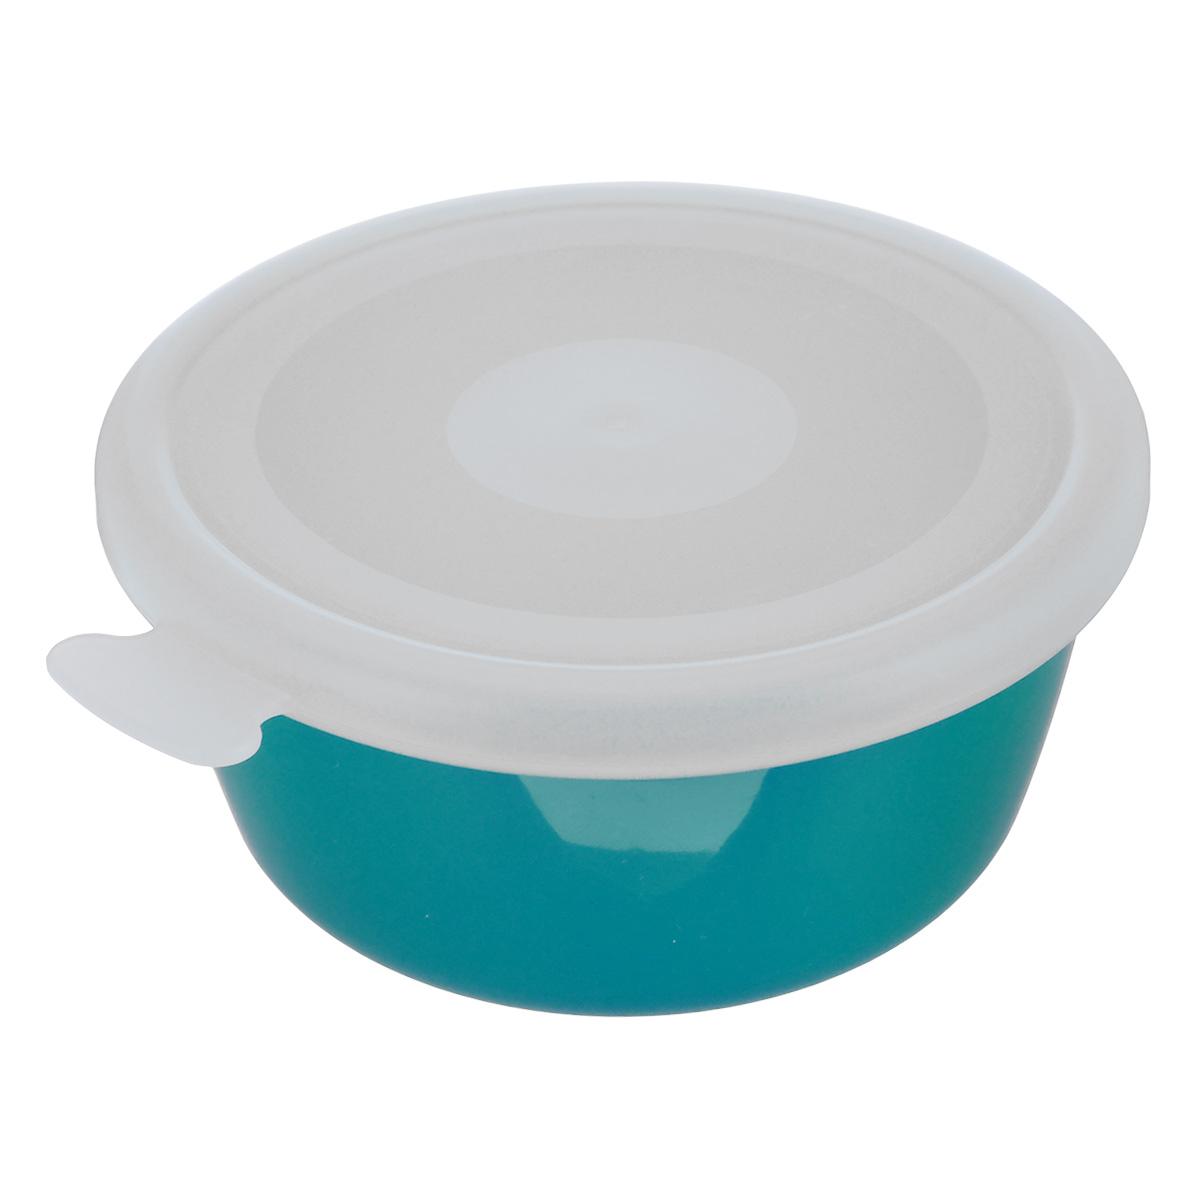 Миска Idea Прованс, с крышкой, цвет: бирюзовый, 350 мл115510Миска круглой формы Idea Прованс изготовлена из высококачественного пищевого пластика. Изделие очень функциональное, оно пригодится на кухне для самых разнообразных нужд: в качестве салатника, миски, тарелки. Герметичная крышка обеспечивает продуктам долгий срок хранения.Диаметр миски: 11,5 см.Высота миски: 5,5 см.